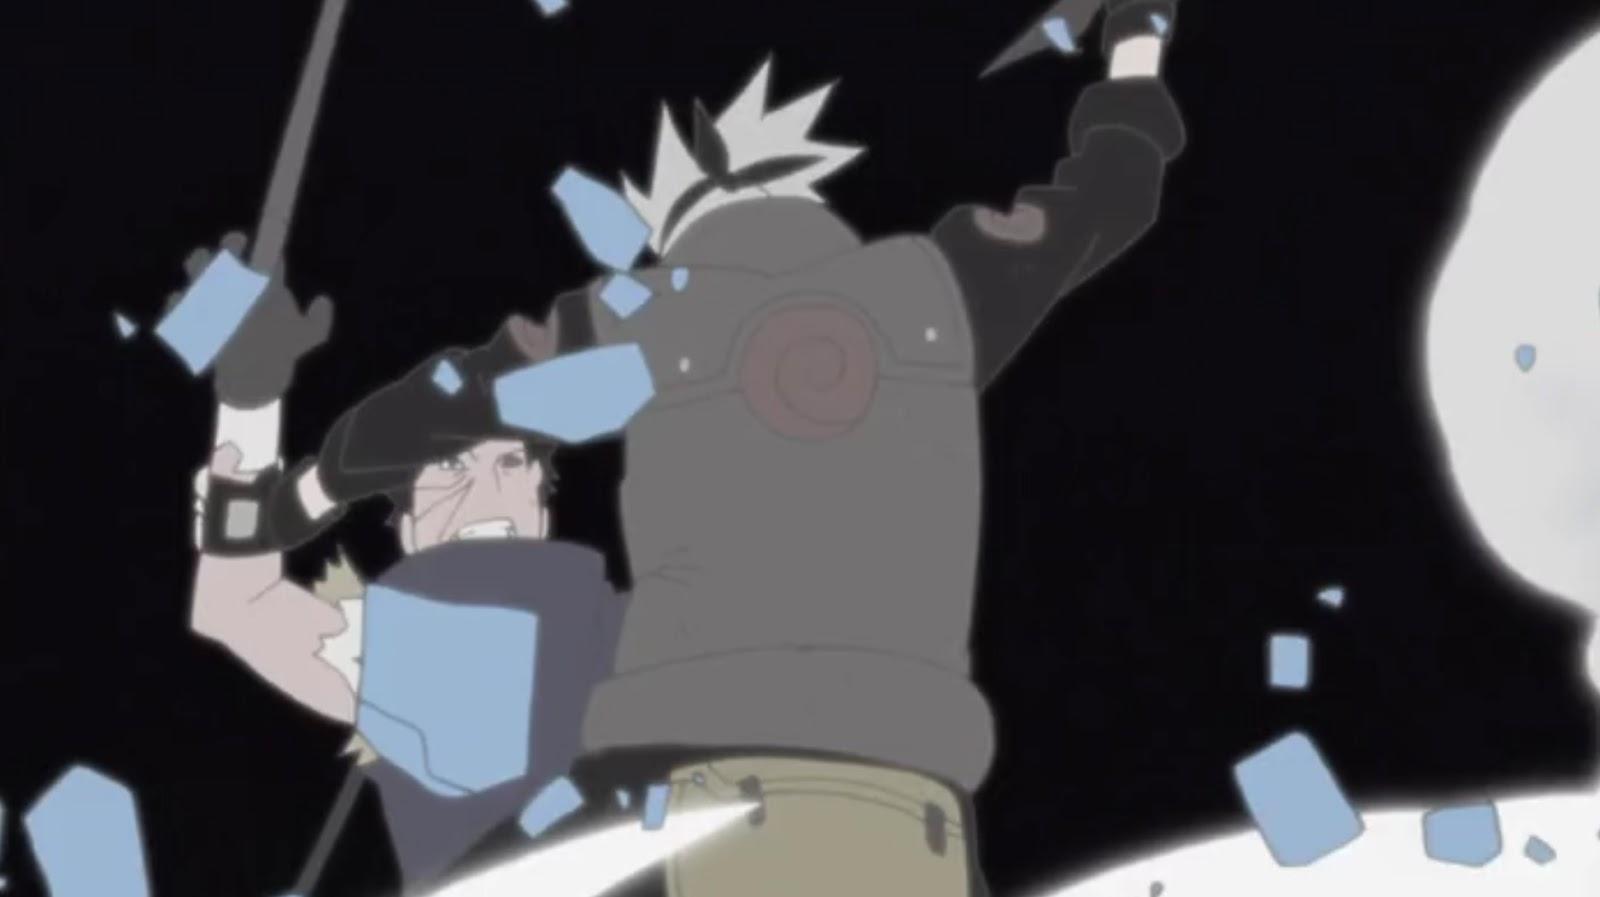 Naruto Shippuden Episódio 375, Assistir Naruto Shippuden Episódio 375, Assistir Naruto Shippuden Todos os Episódios Legendado, Naruto Shippuden episódio 375,HD